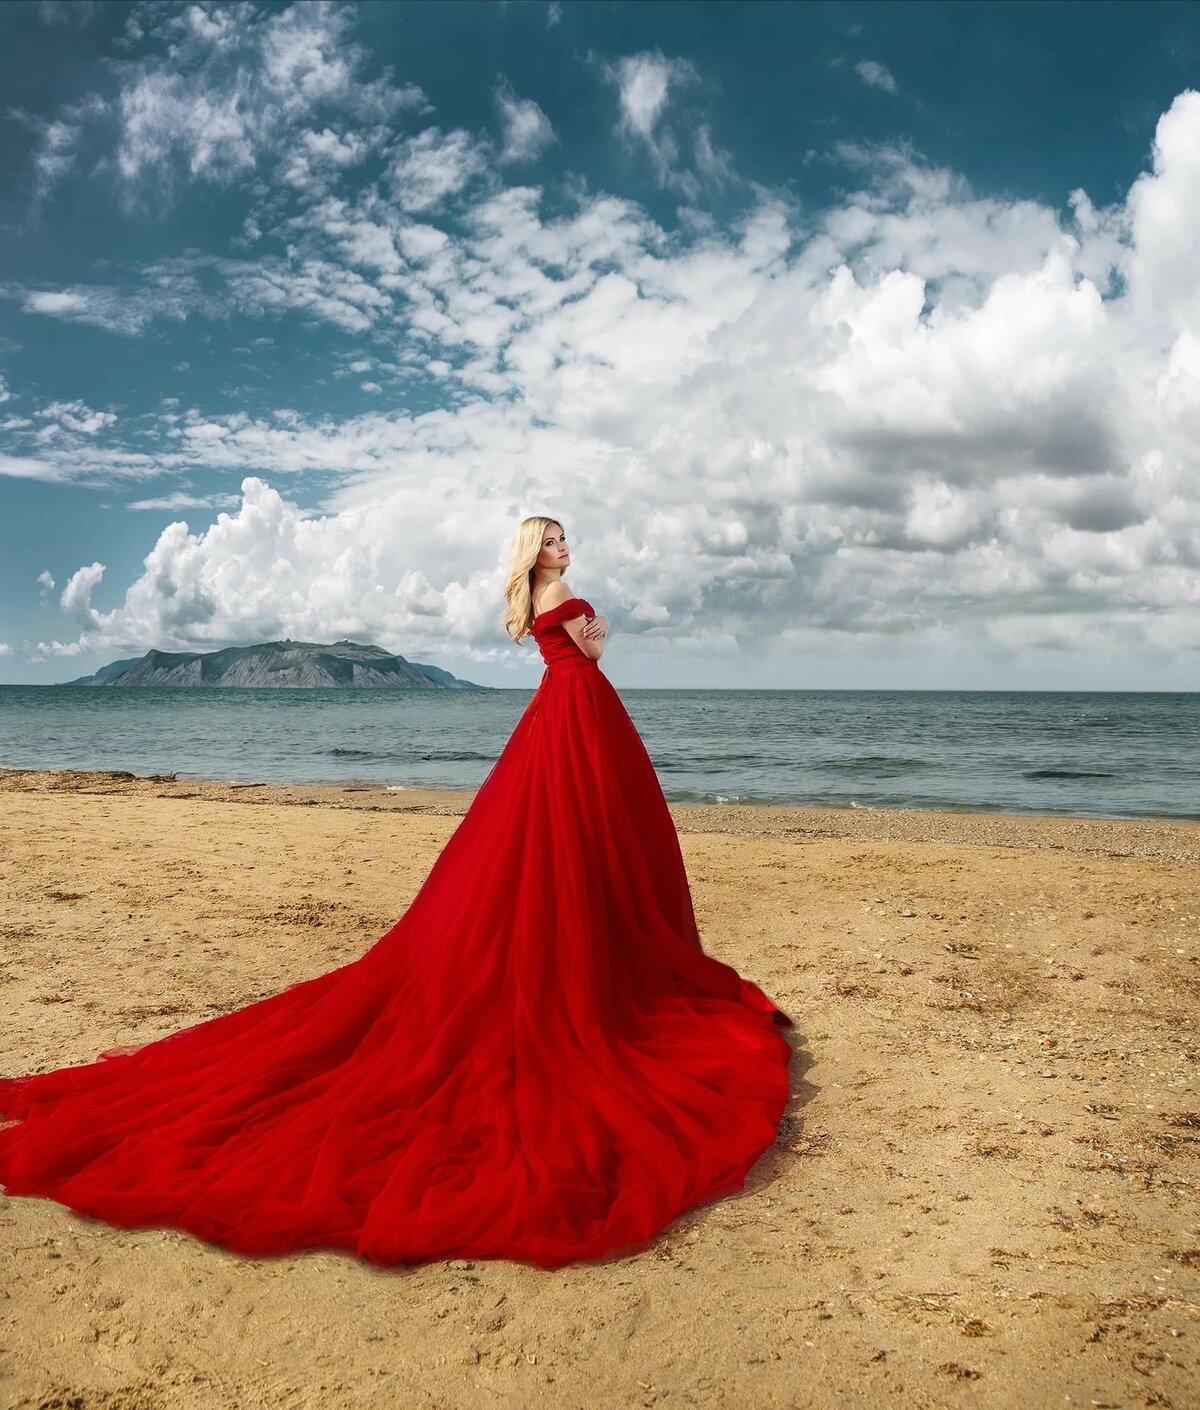 как красные платья у моря фото она была